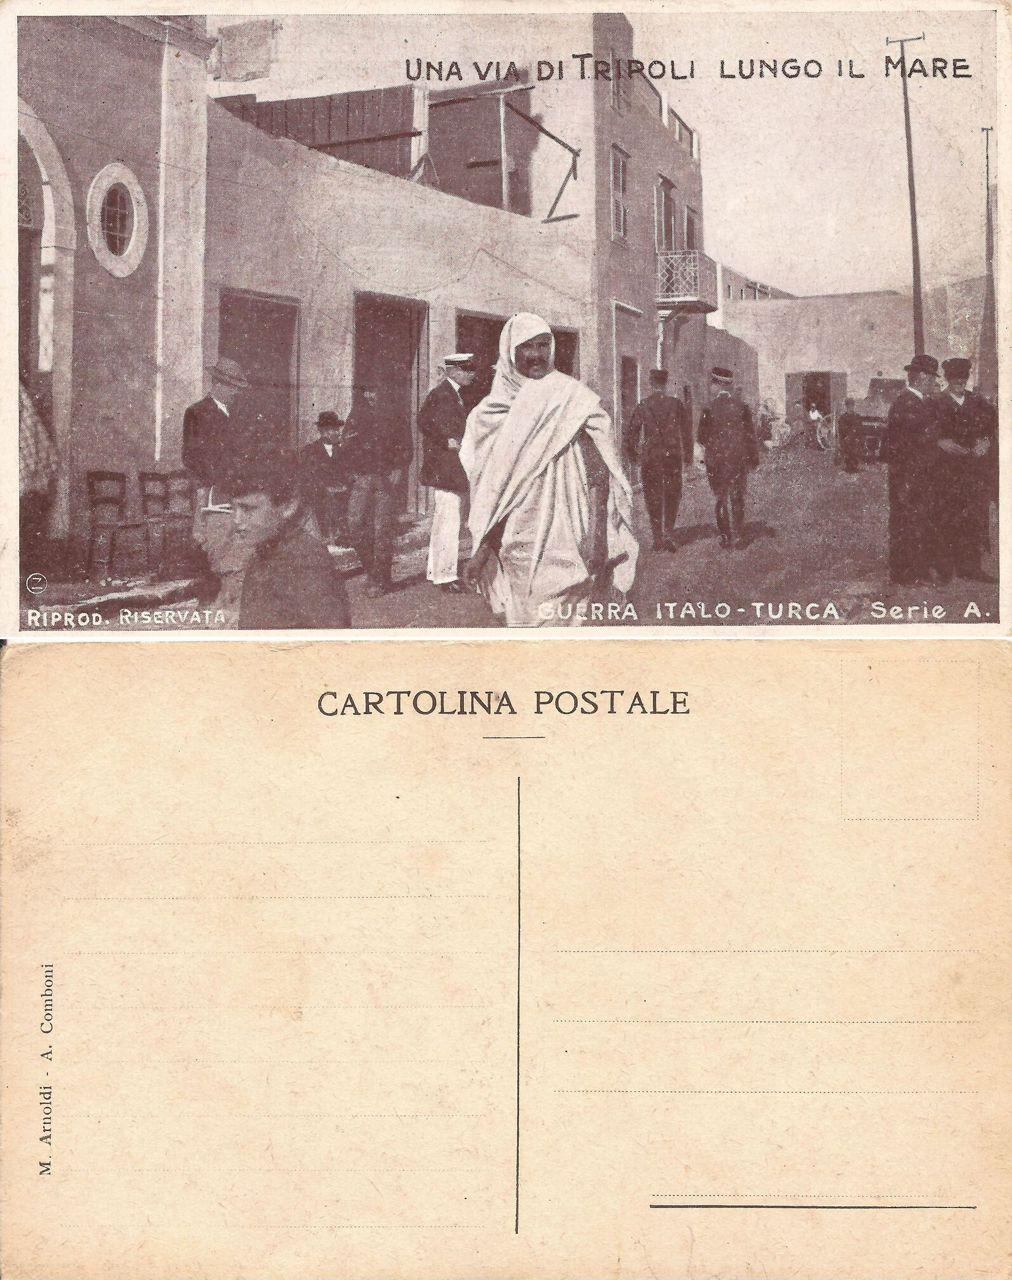 Guerra Italo - Turca - 03